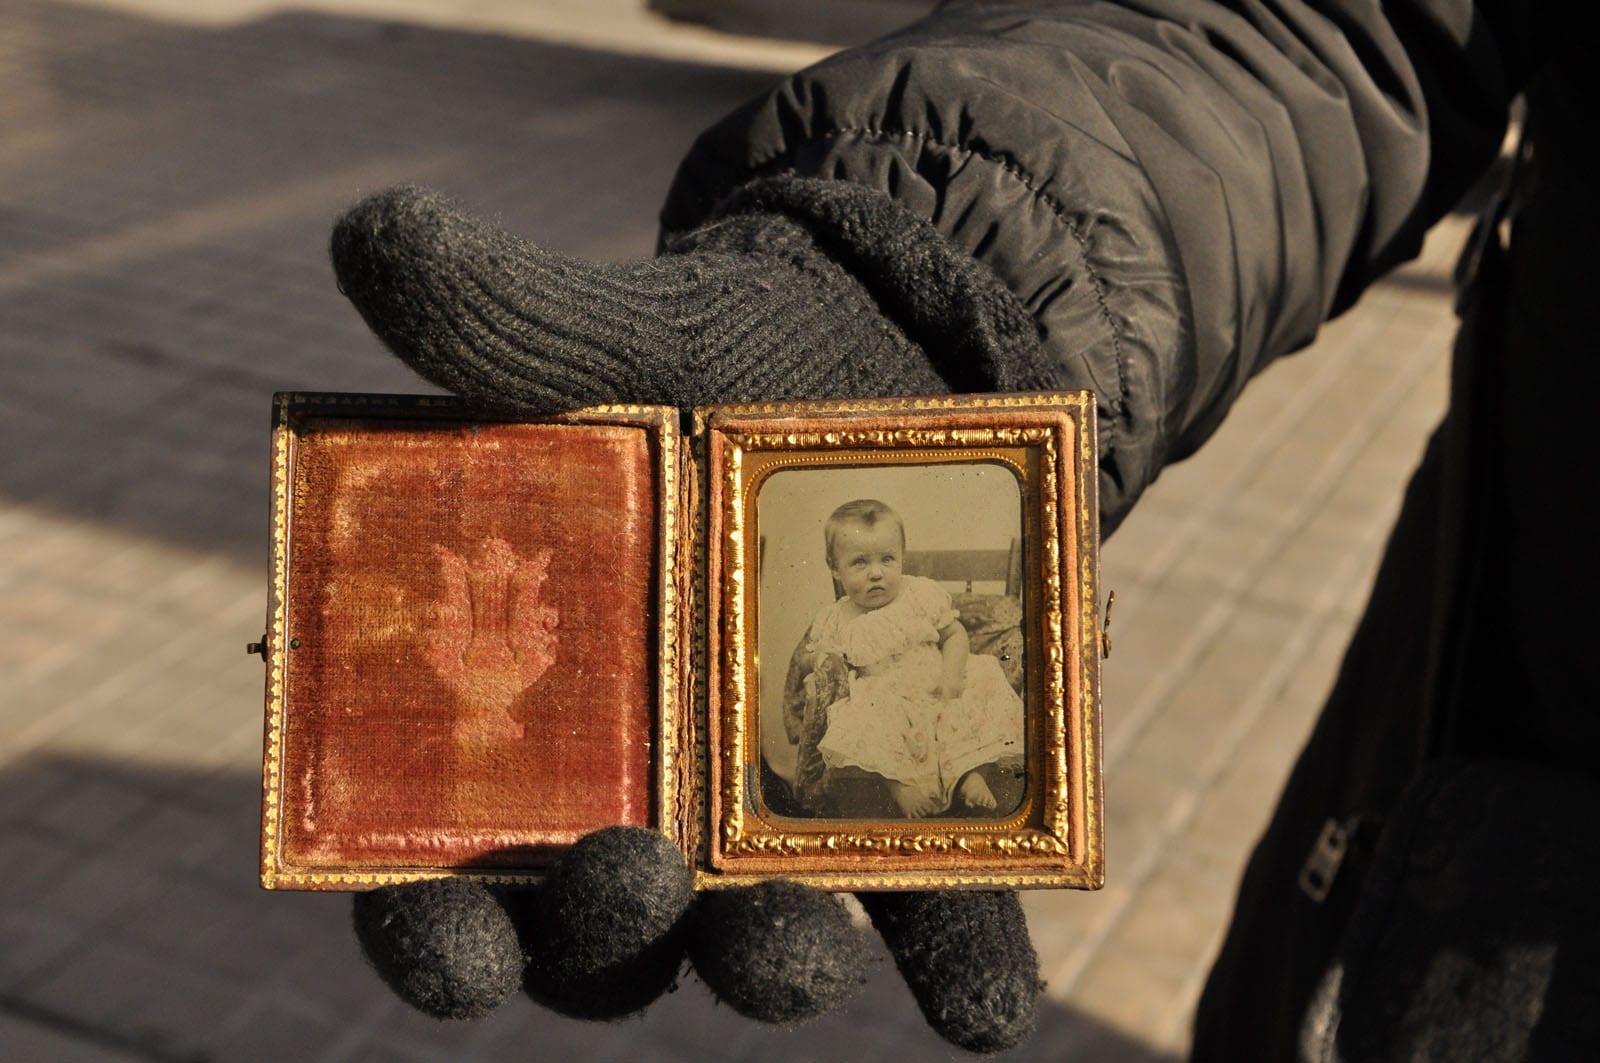 Els estudis fotogràfics del 1900: de les Rambles al Passeig de Gràcia